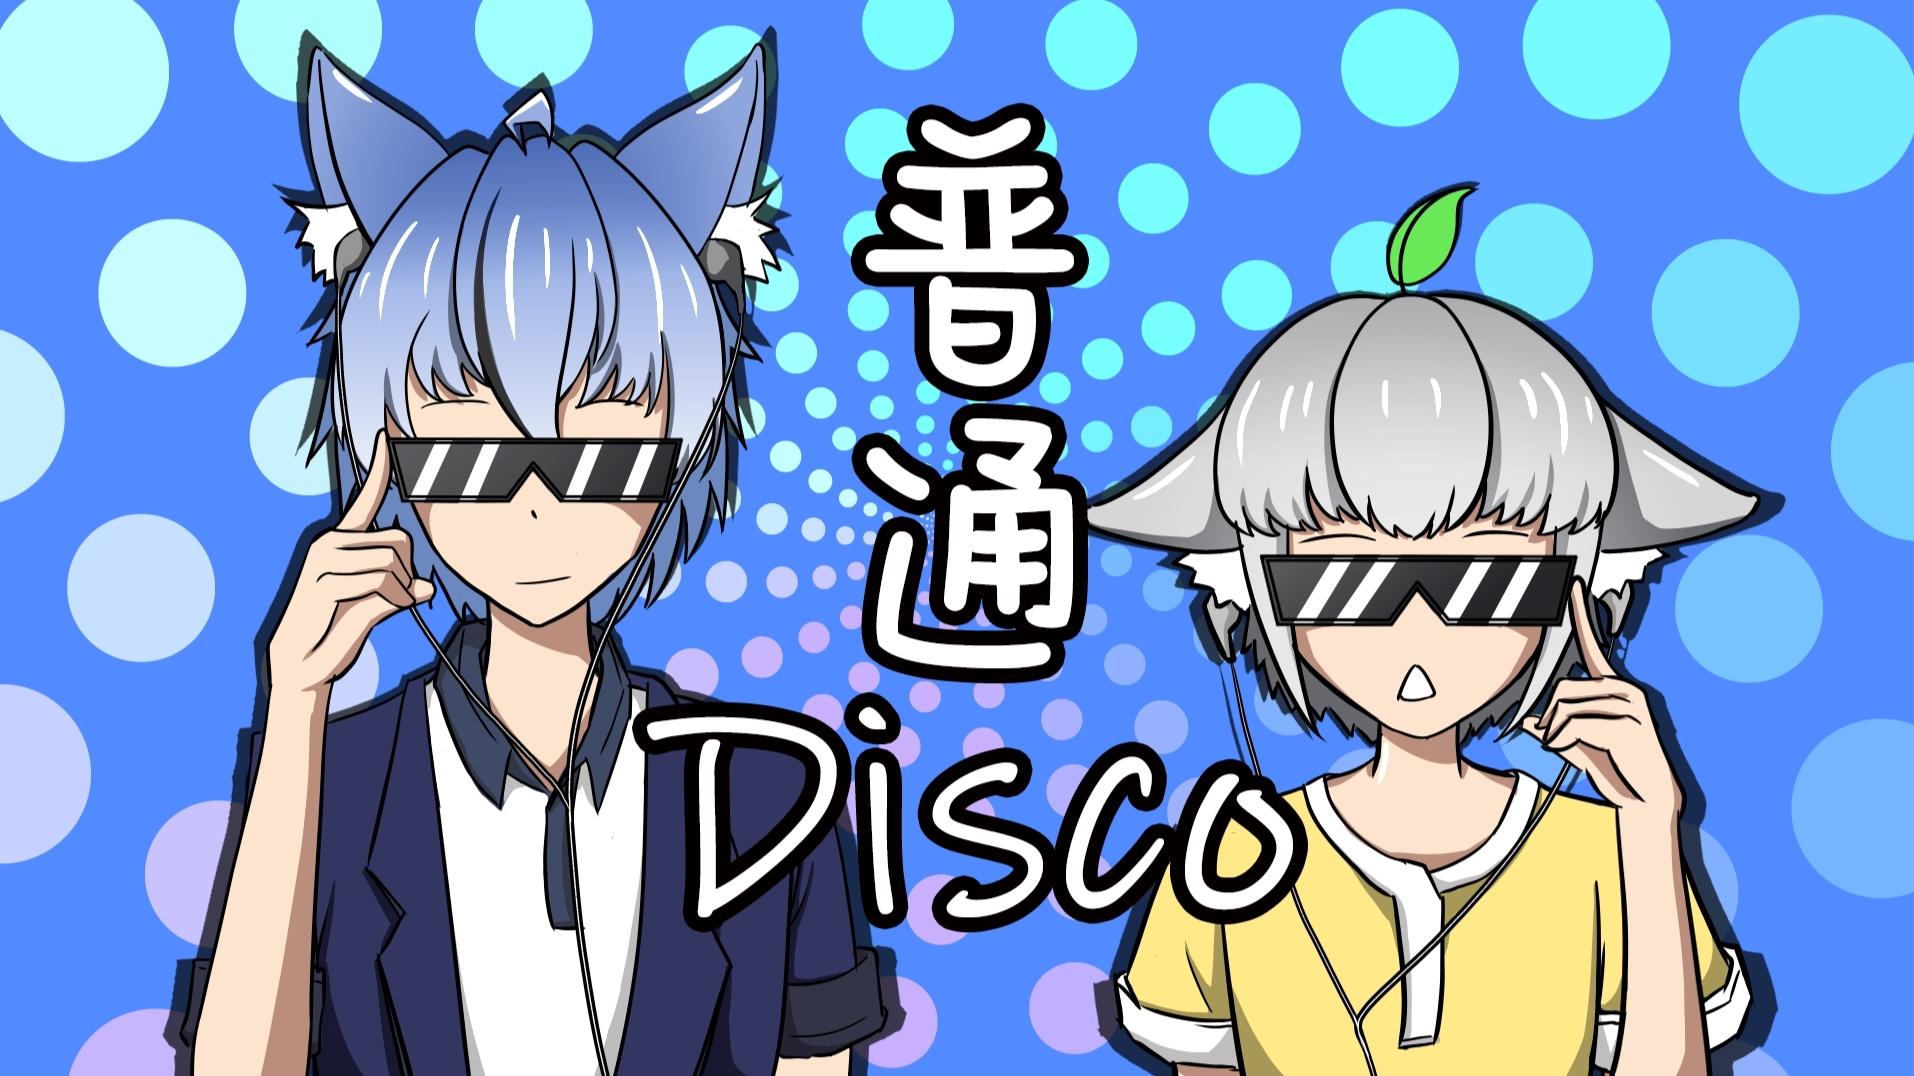 【夏日蕉易战】相声组摇起来了《普通disco》